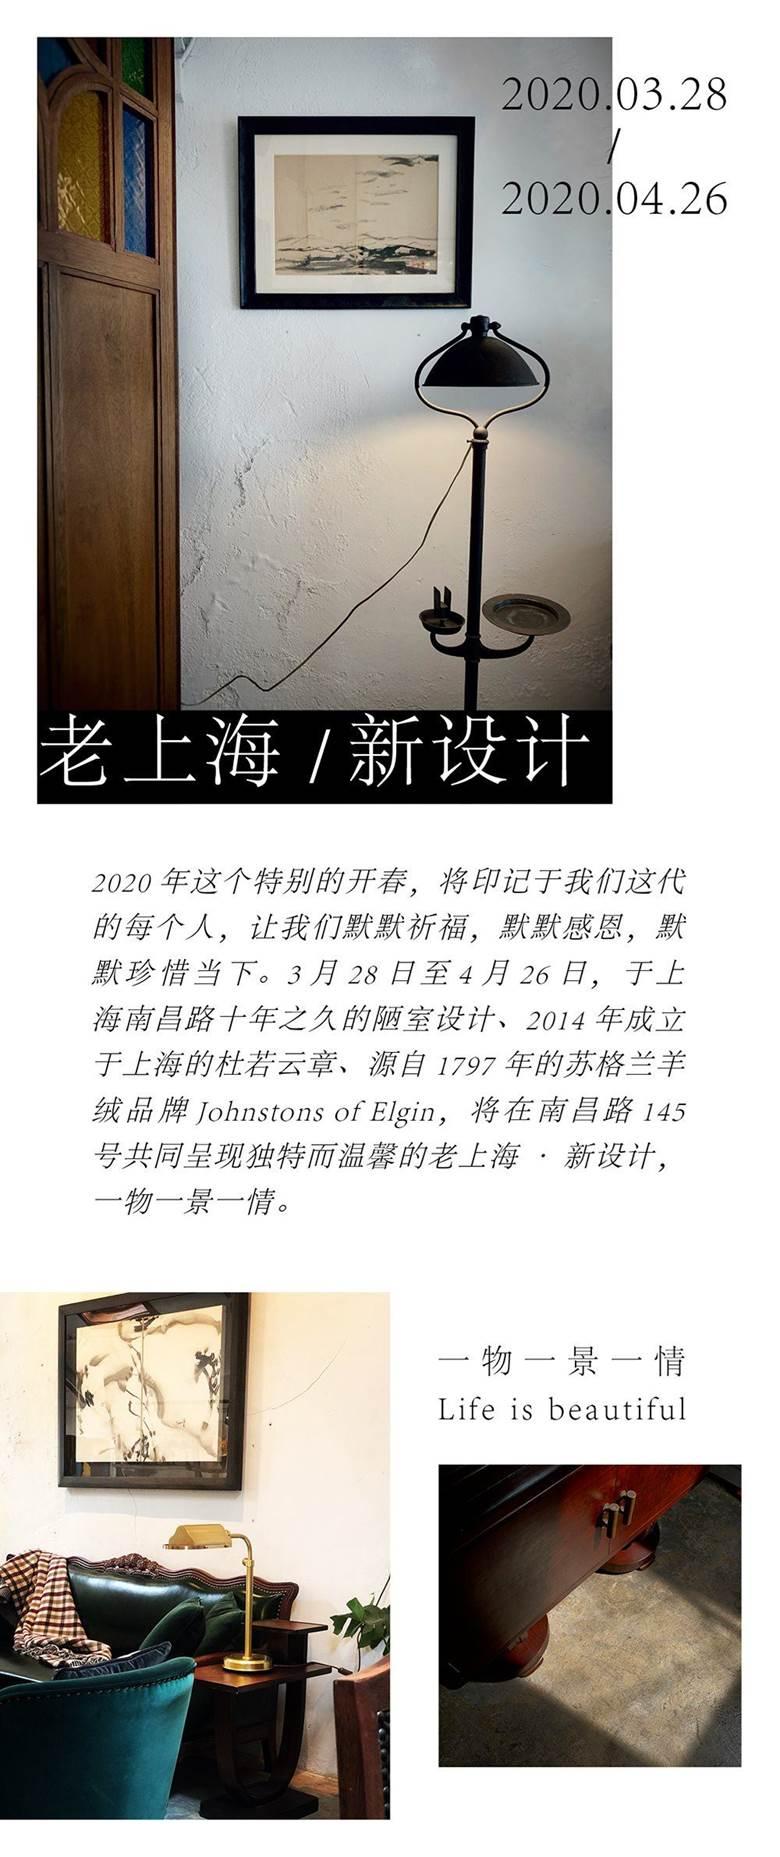 老上海·新设计1.png